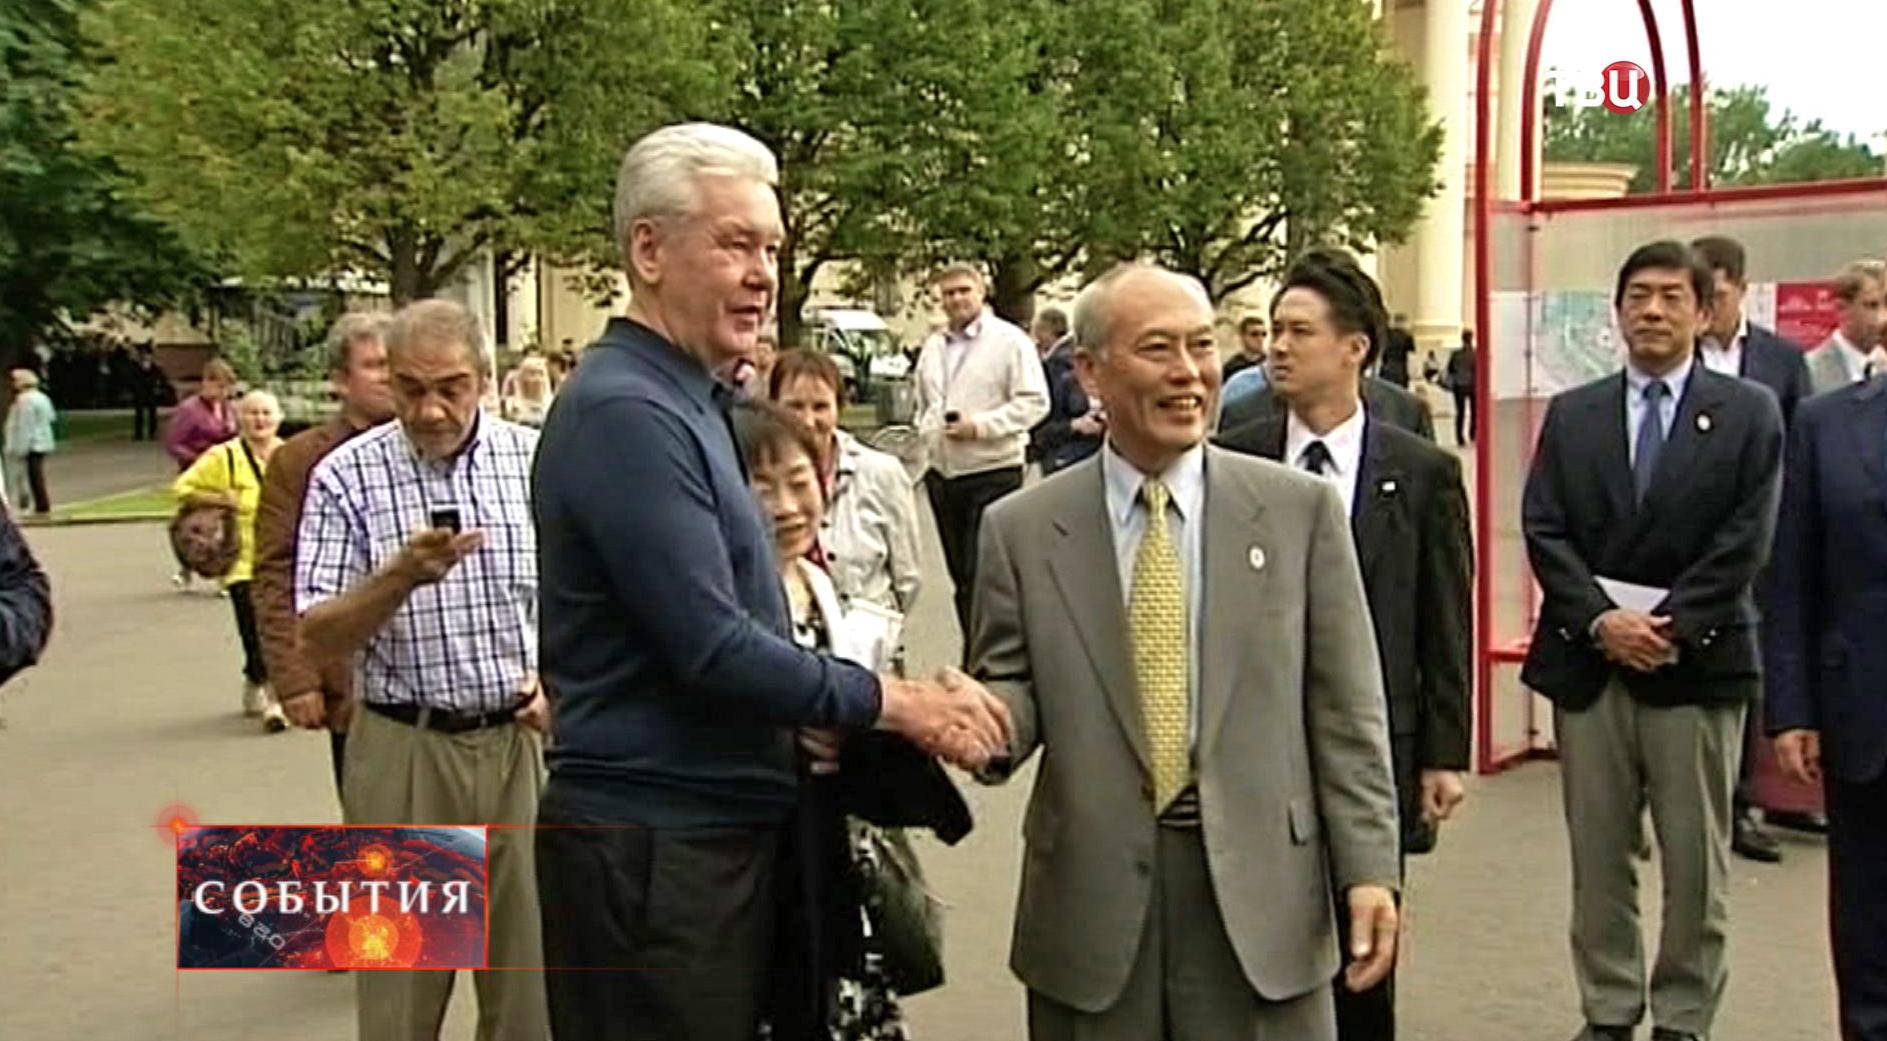 Сергей Собянин и его коллега из Токио Ёити Мусудзоэ